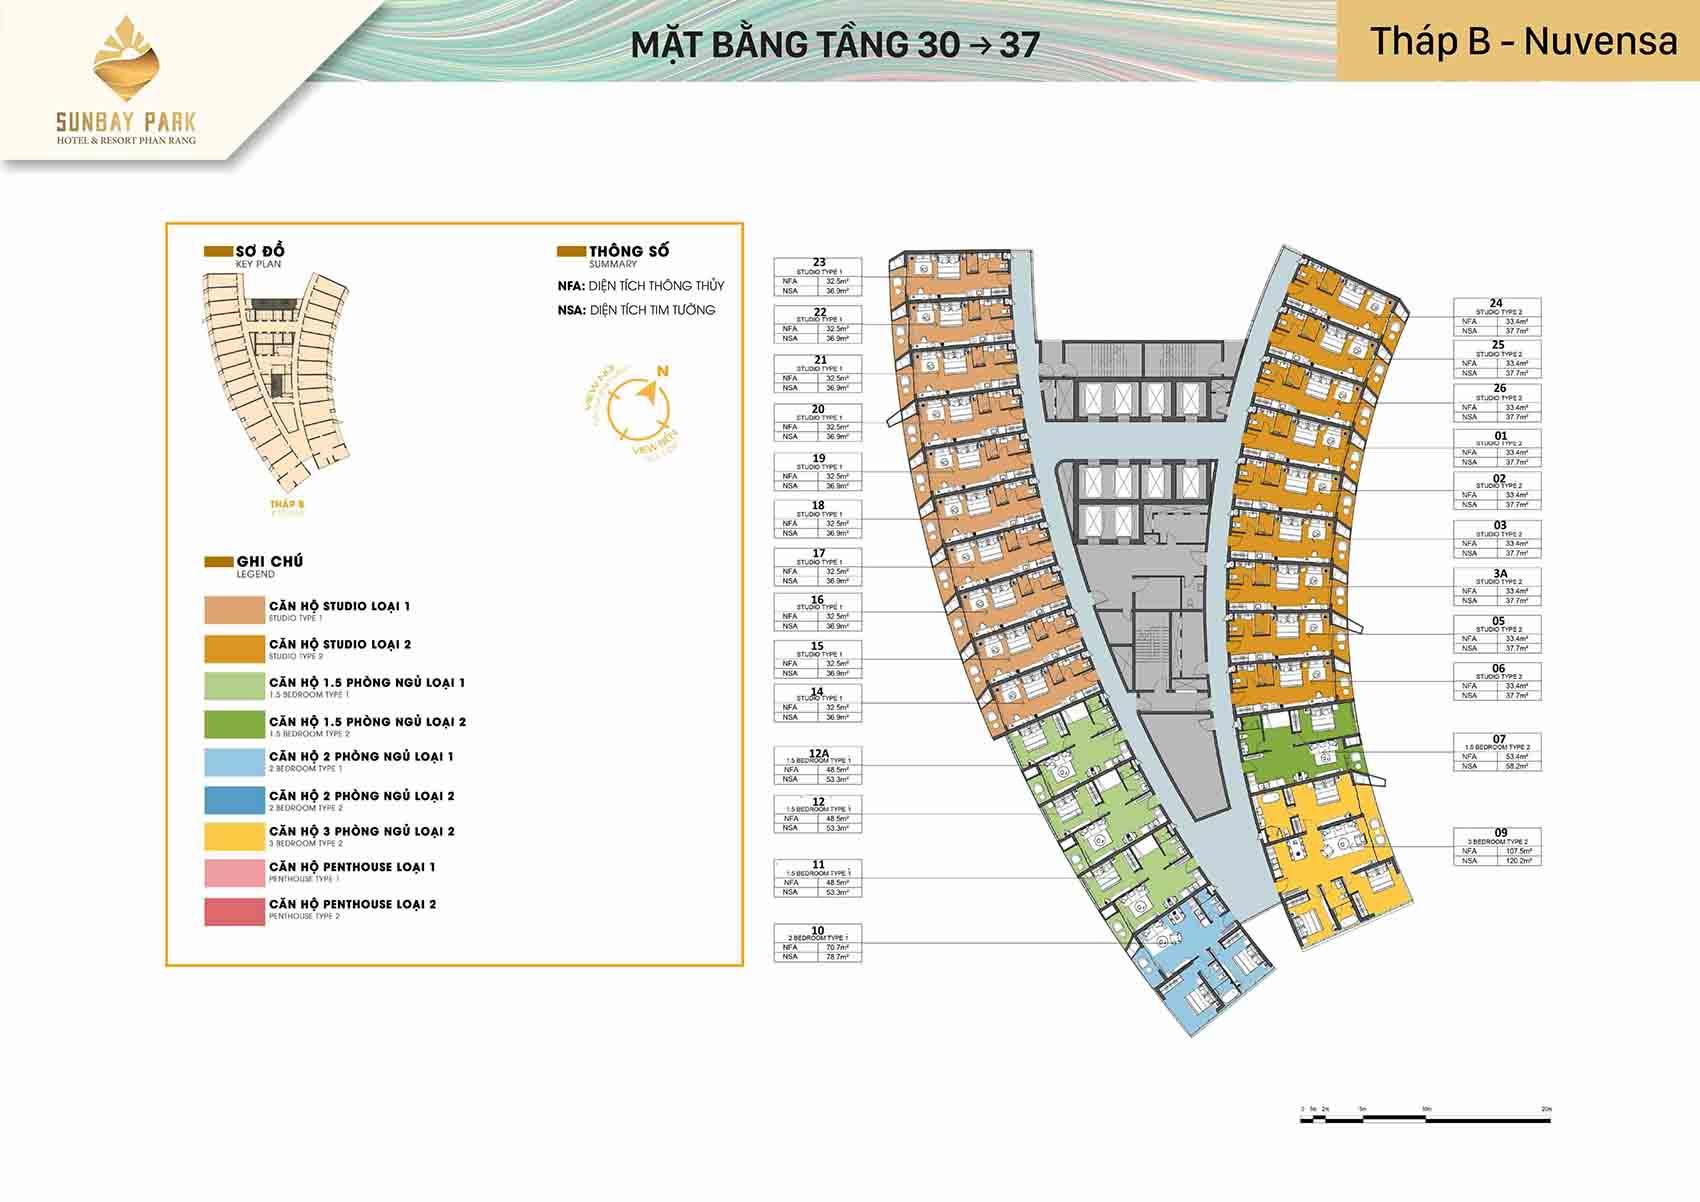 Mặt bằng thiết kế tòa B Nuvensa tầng 30-37 dự án Sunbay Park Phan Rang Ninh Thuận